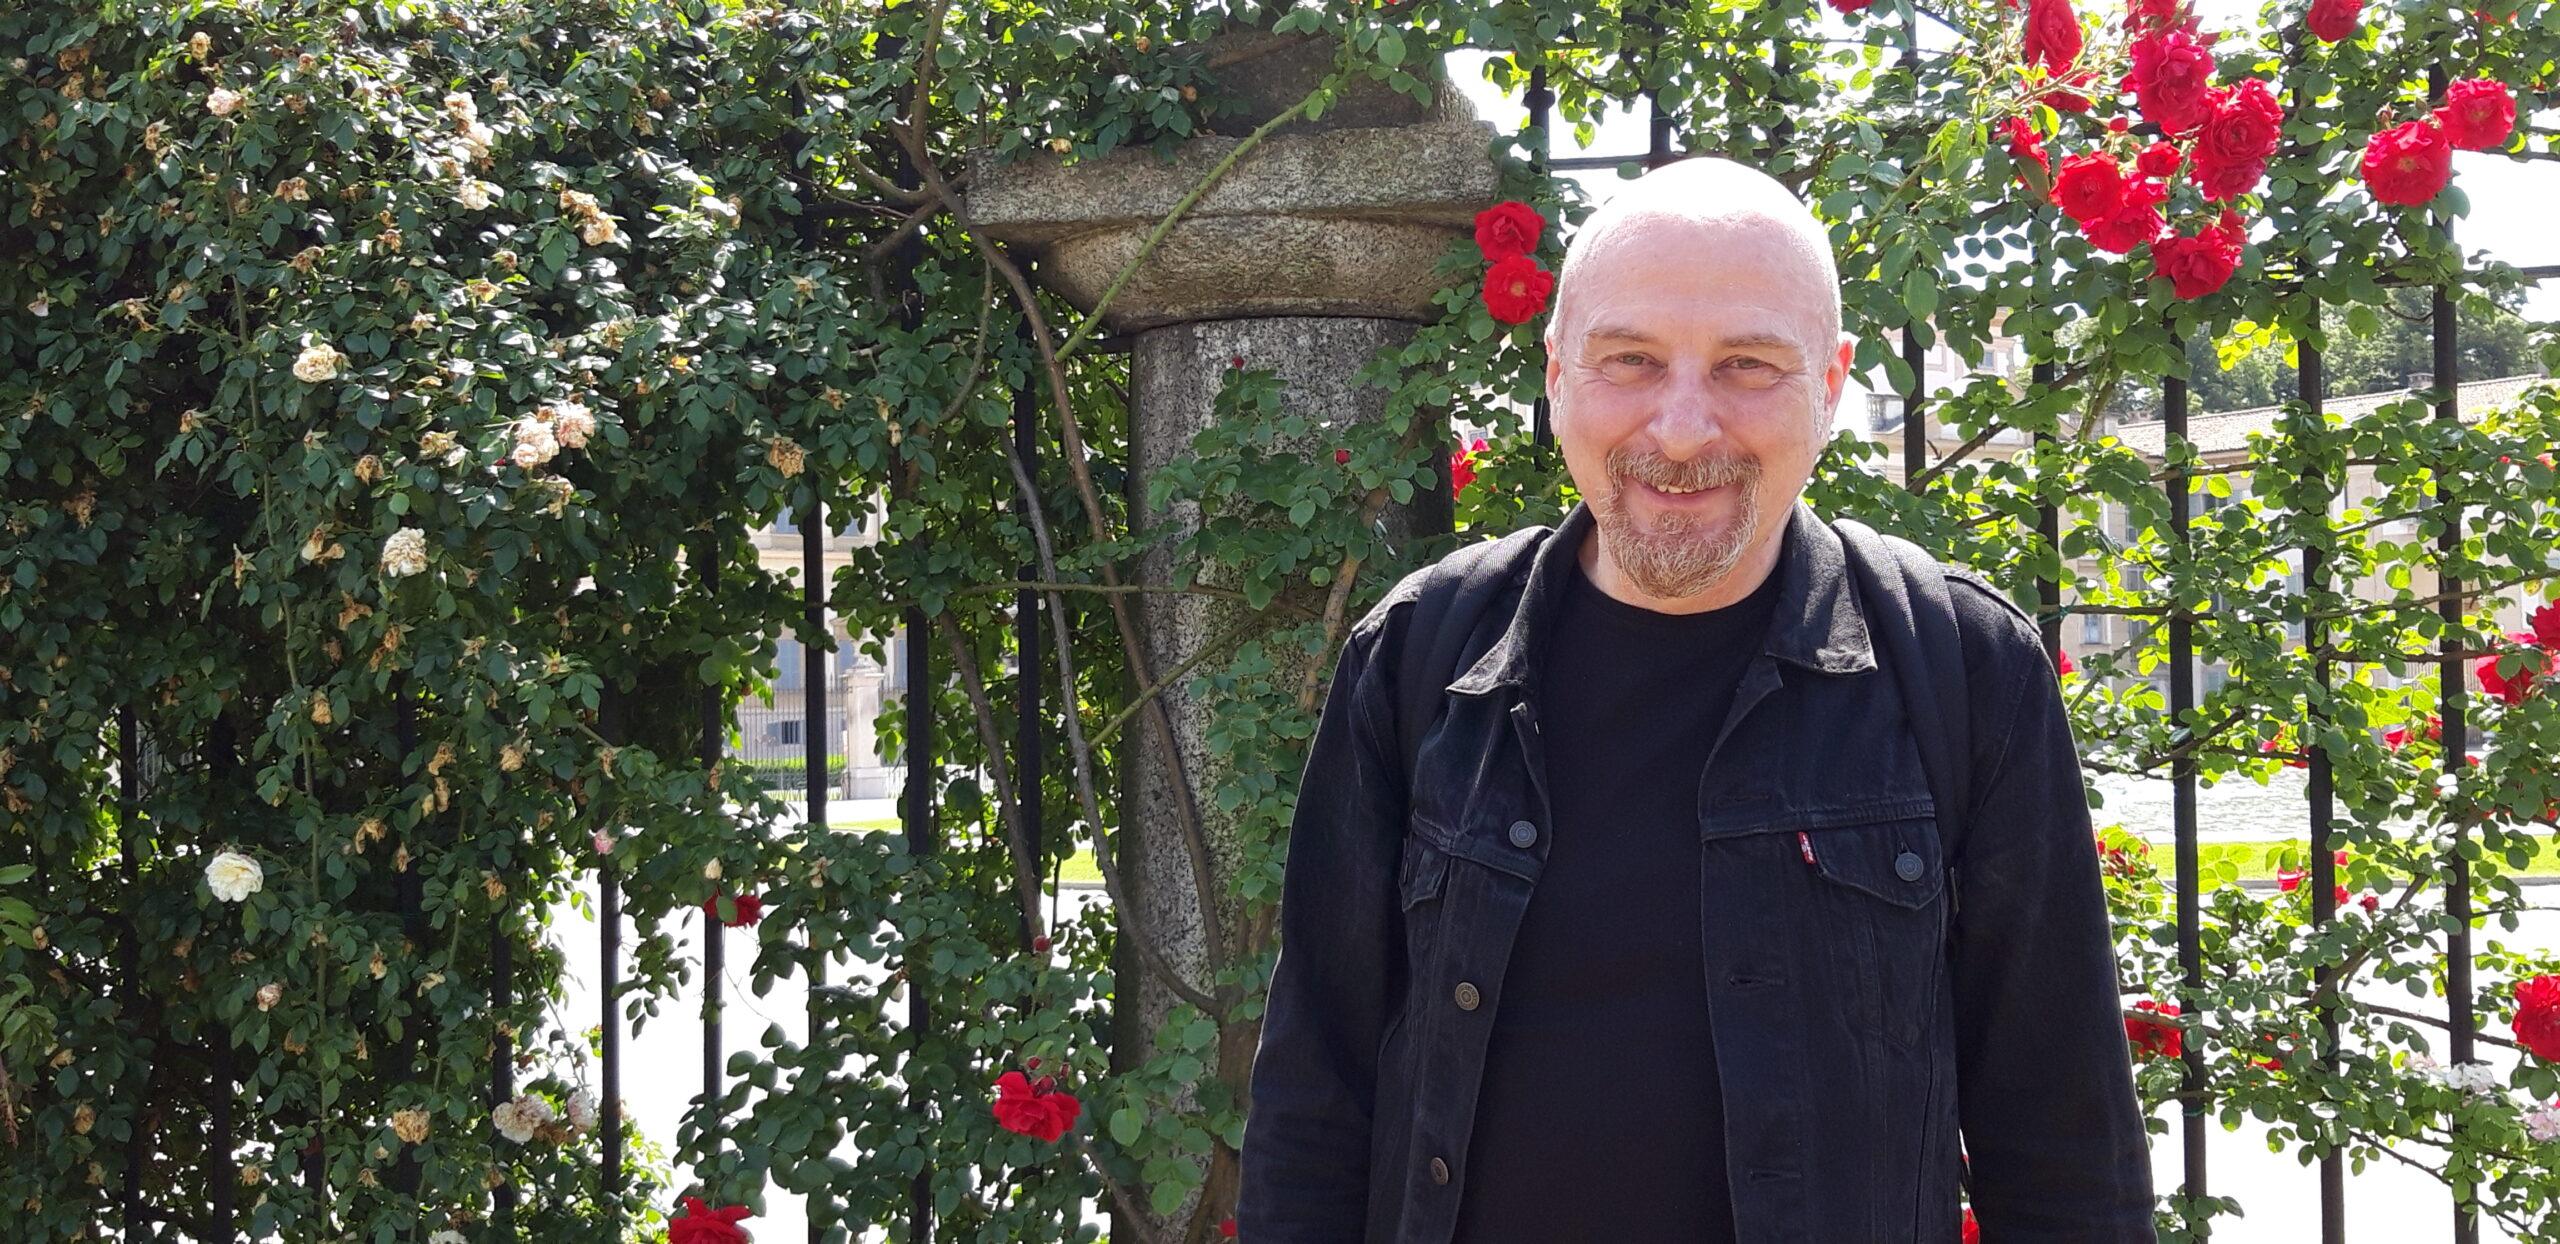 Vincenzo Zitello nel Roseto della Villa Reale di Monza